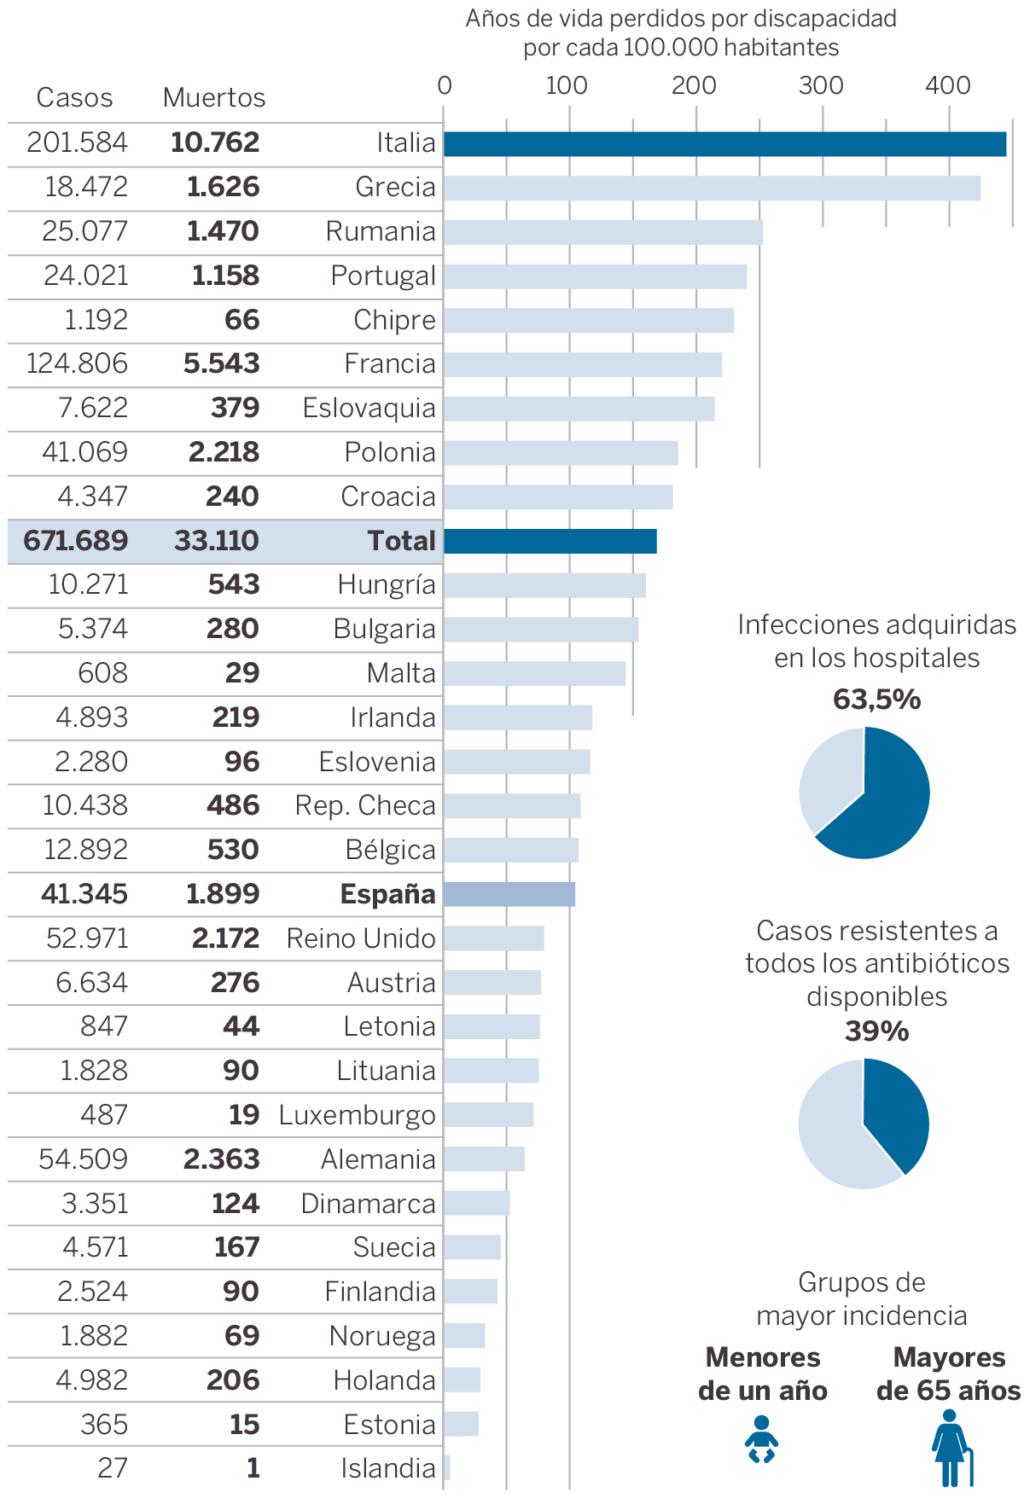 Antibióticos: Miles de personas muertas cada año, resistencias, tuberculosis, alergias... - Página 2 15375410